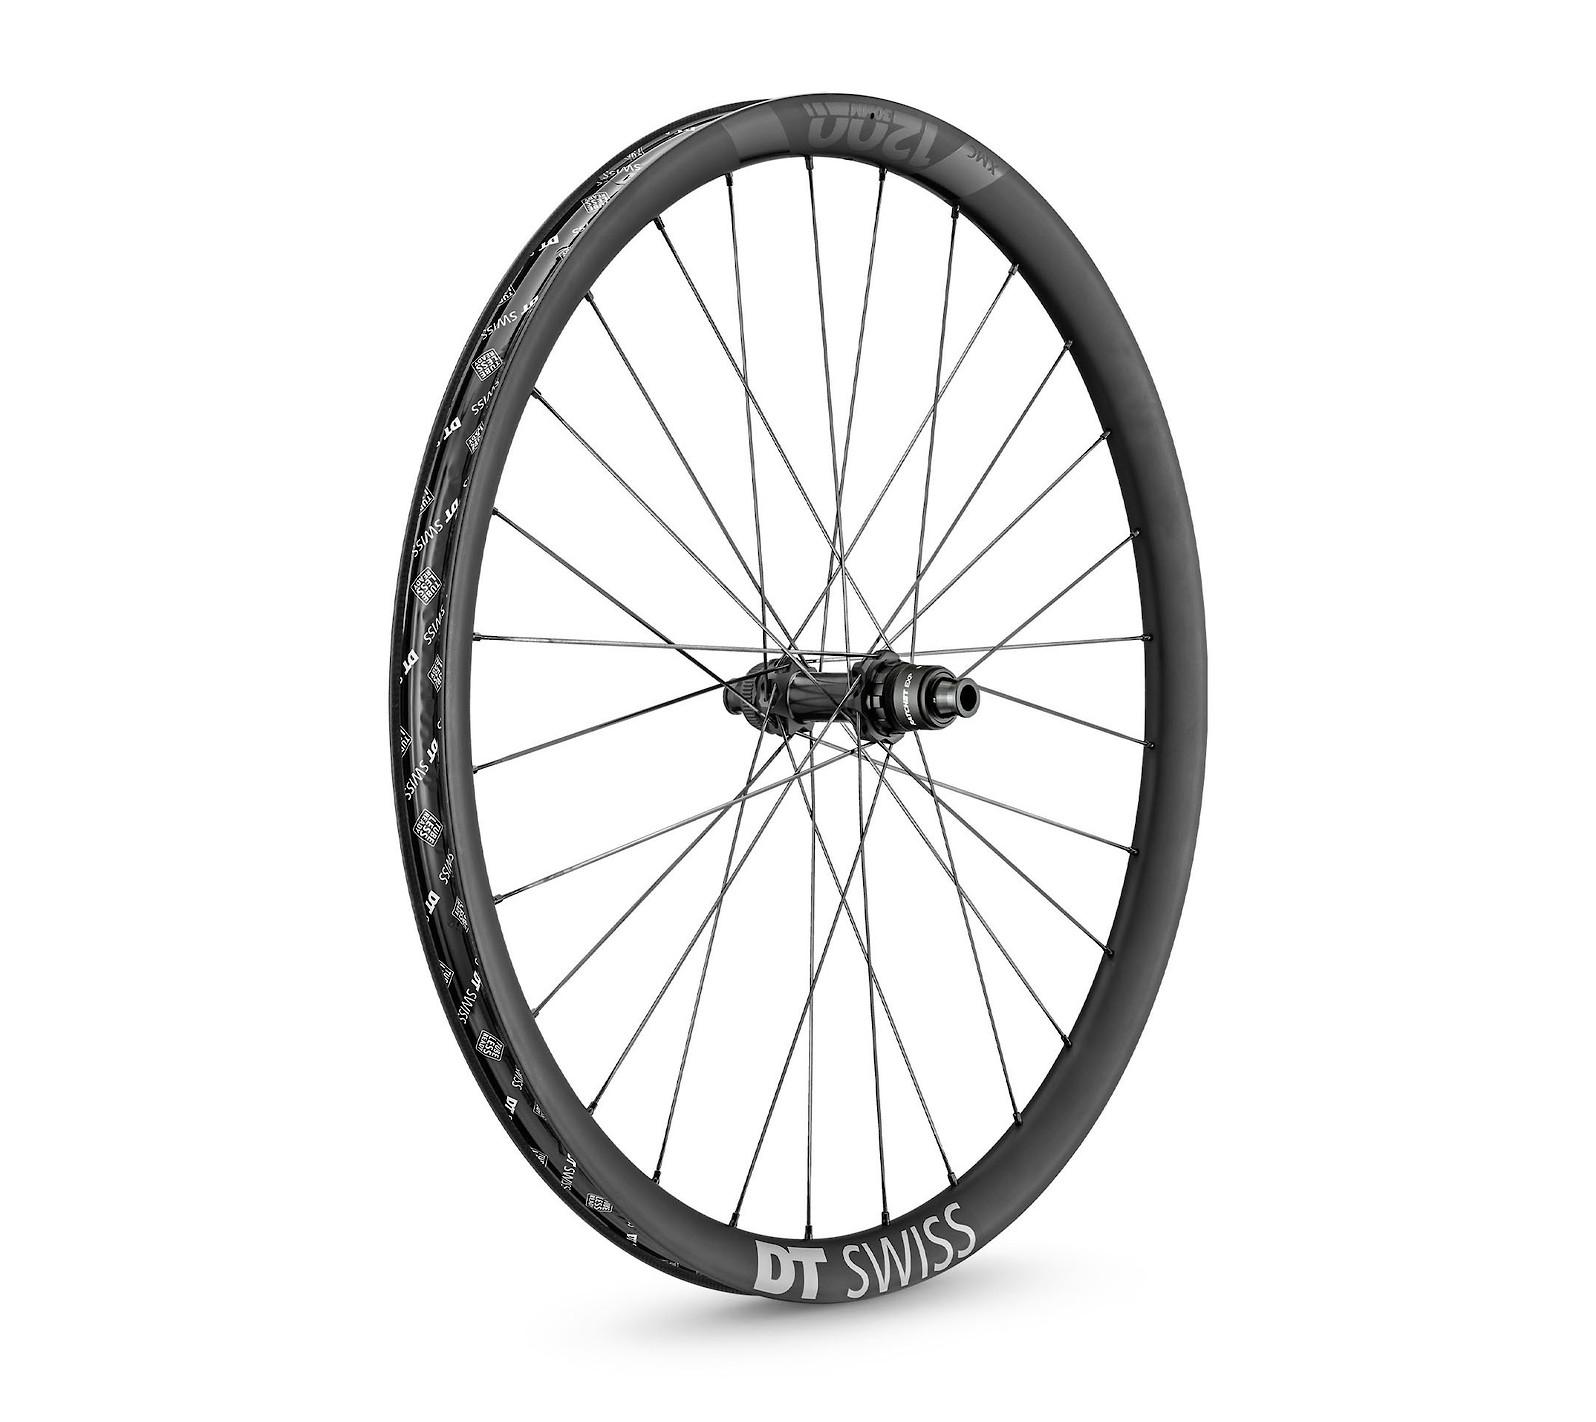 DT Swiss XMC 1200 Spline 30 Rear Wheel